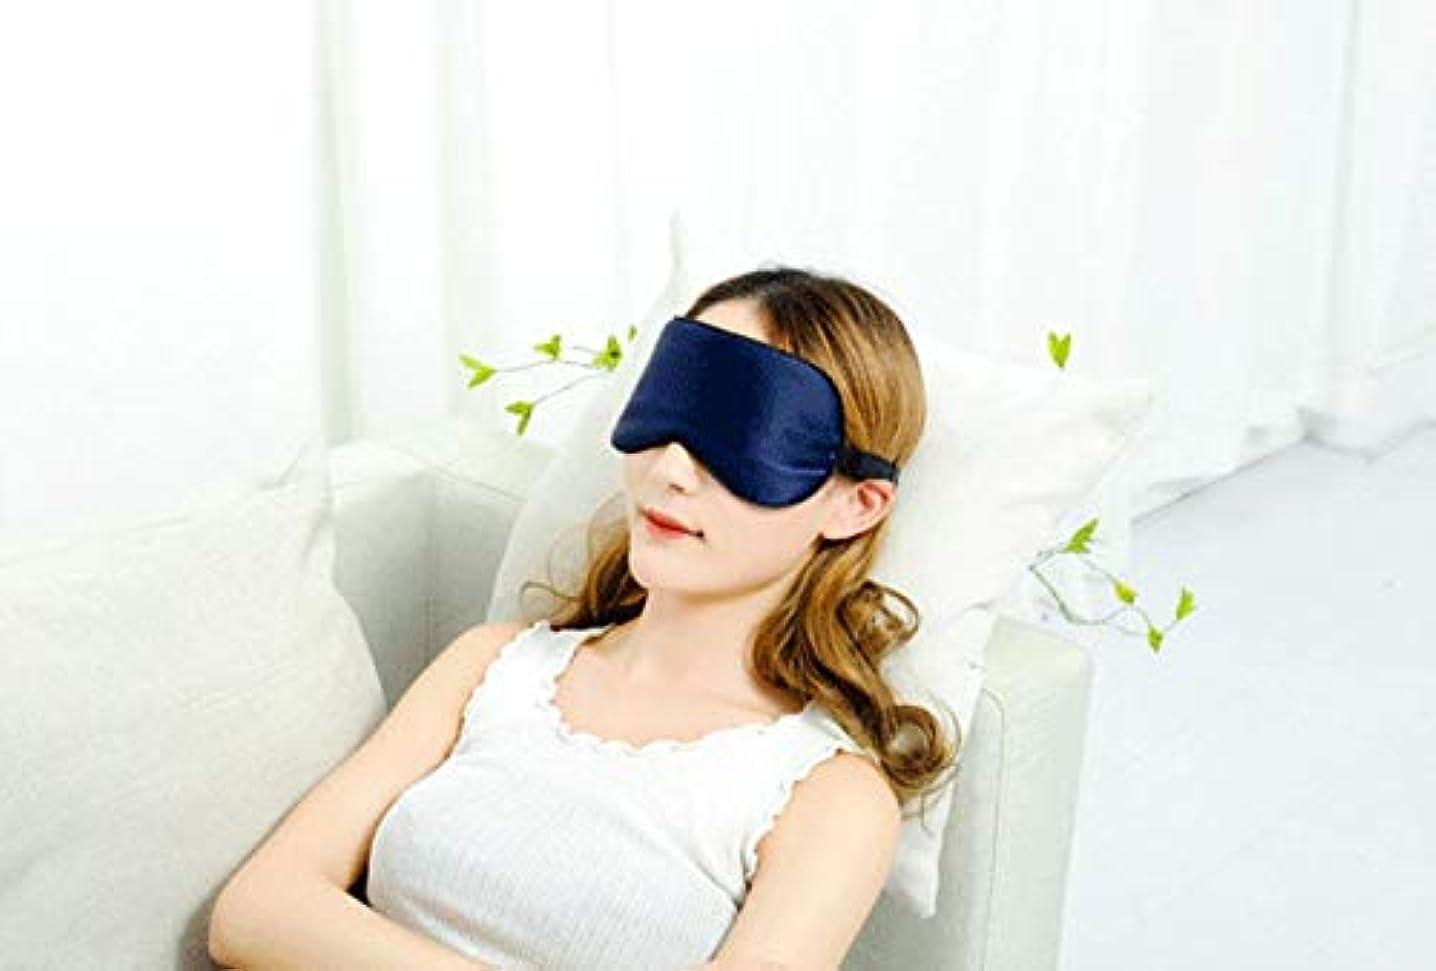 妖精大声で髄NOTE シルクアイマスクコールドホットコンプレックスシェーディング通気性の快適な睡眠用アイプロテクション